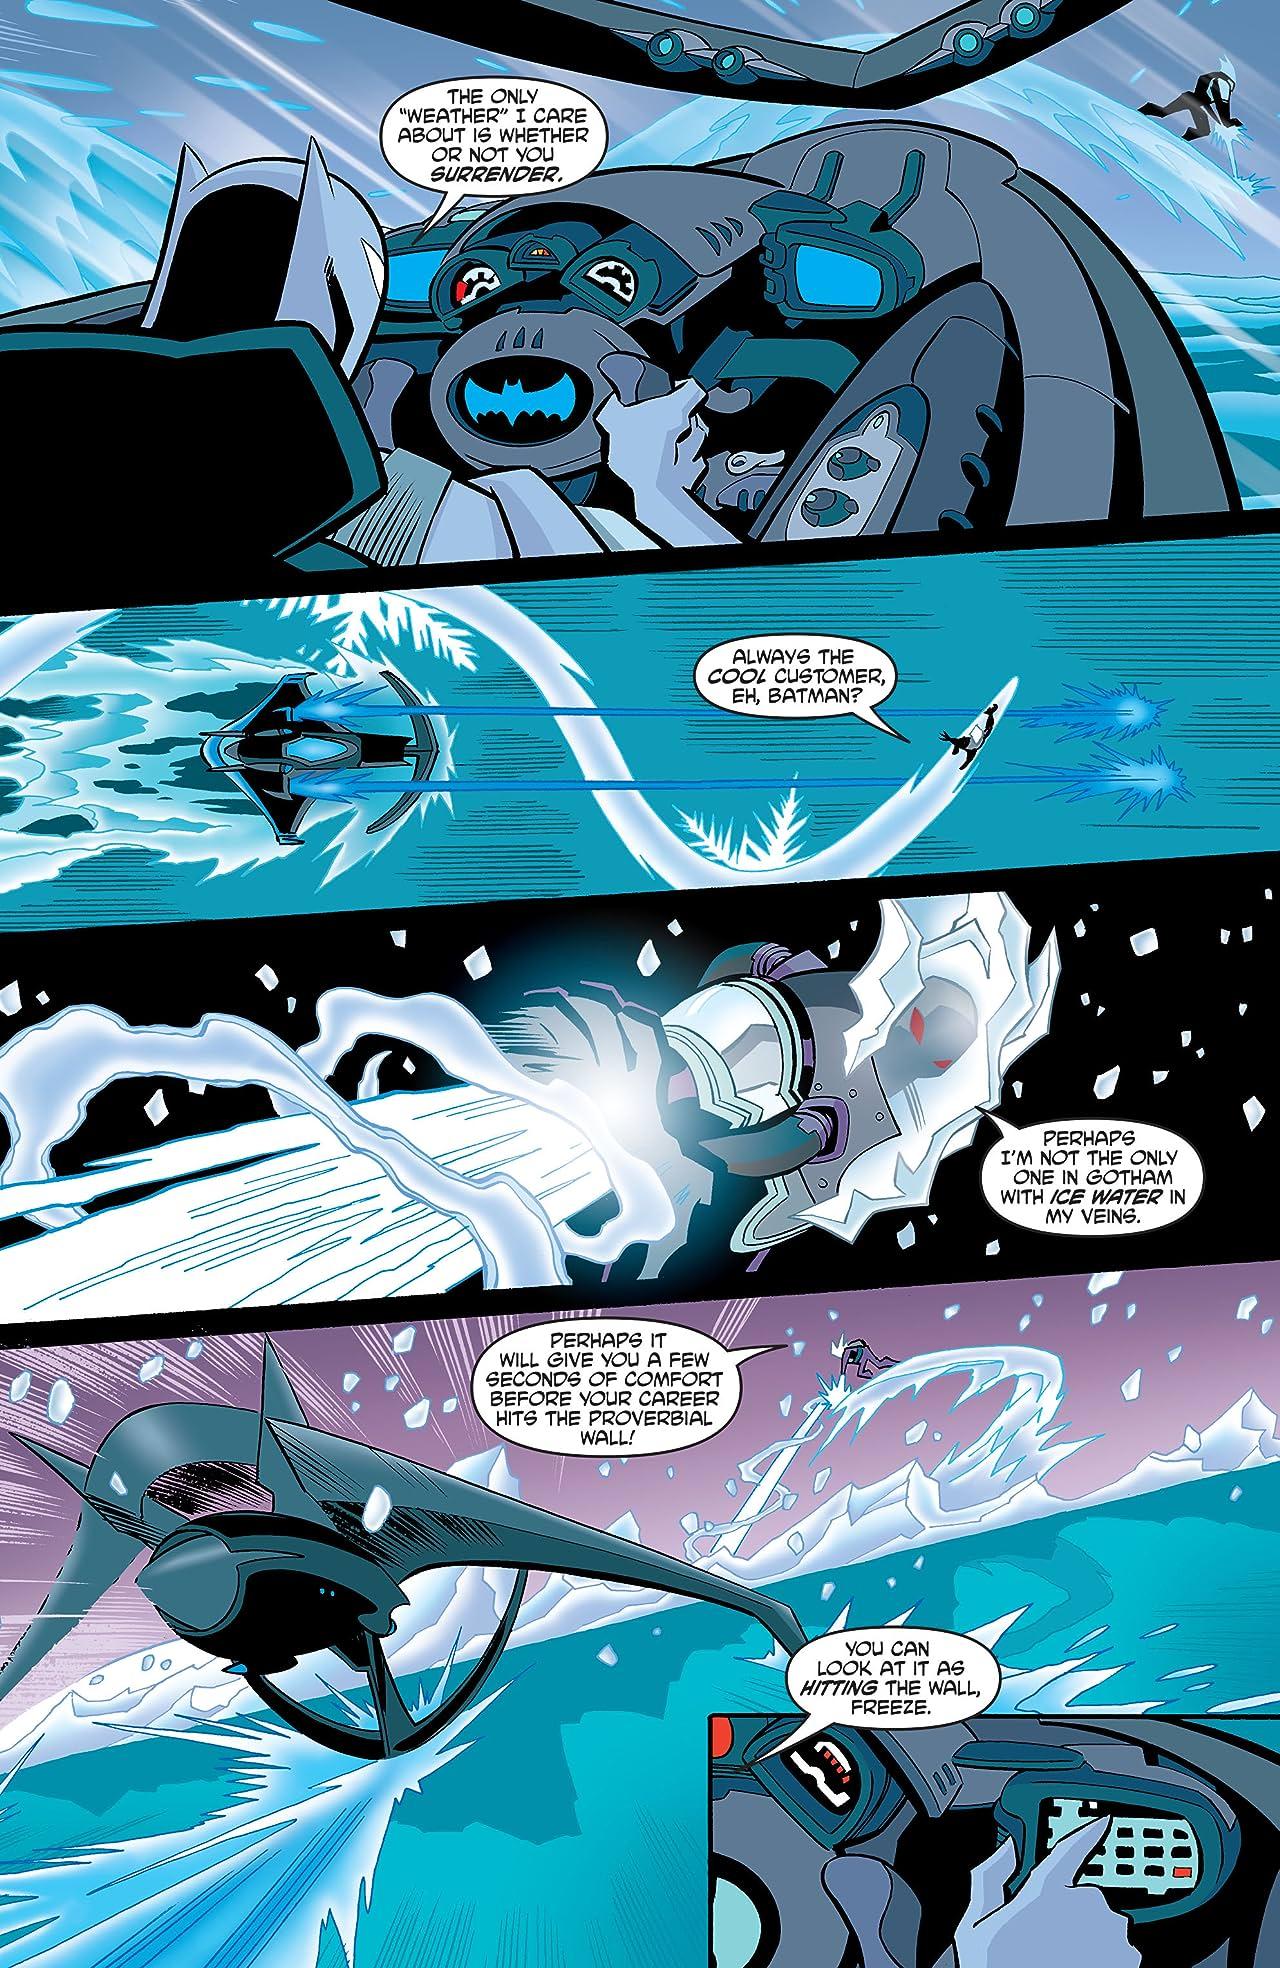 The Batman Strikes! #21